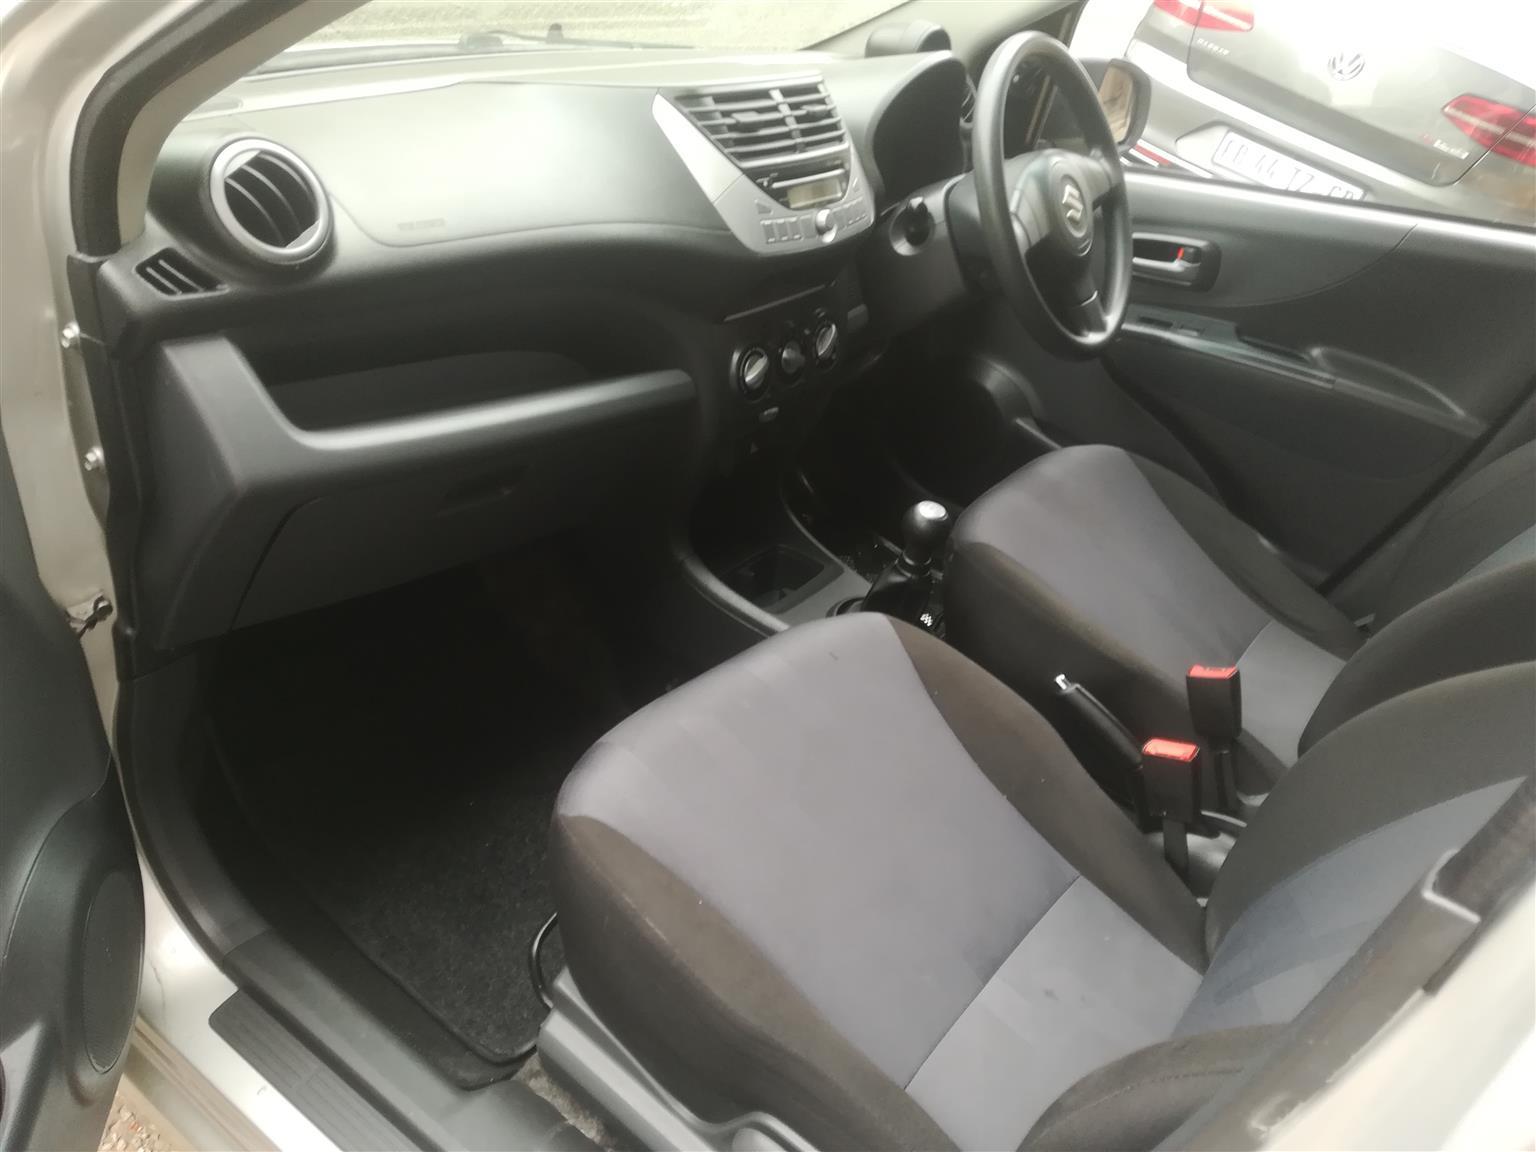 2014 Suzuki Alto 1.0 GLS